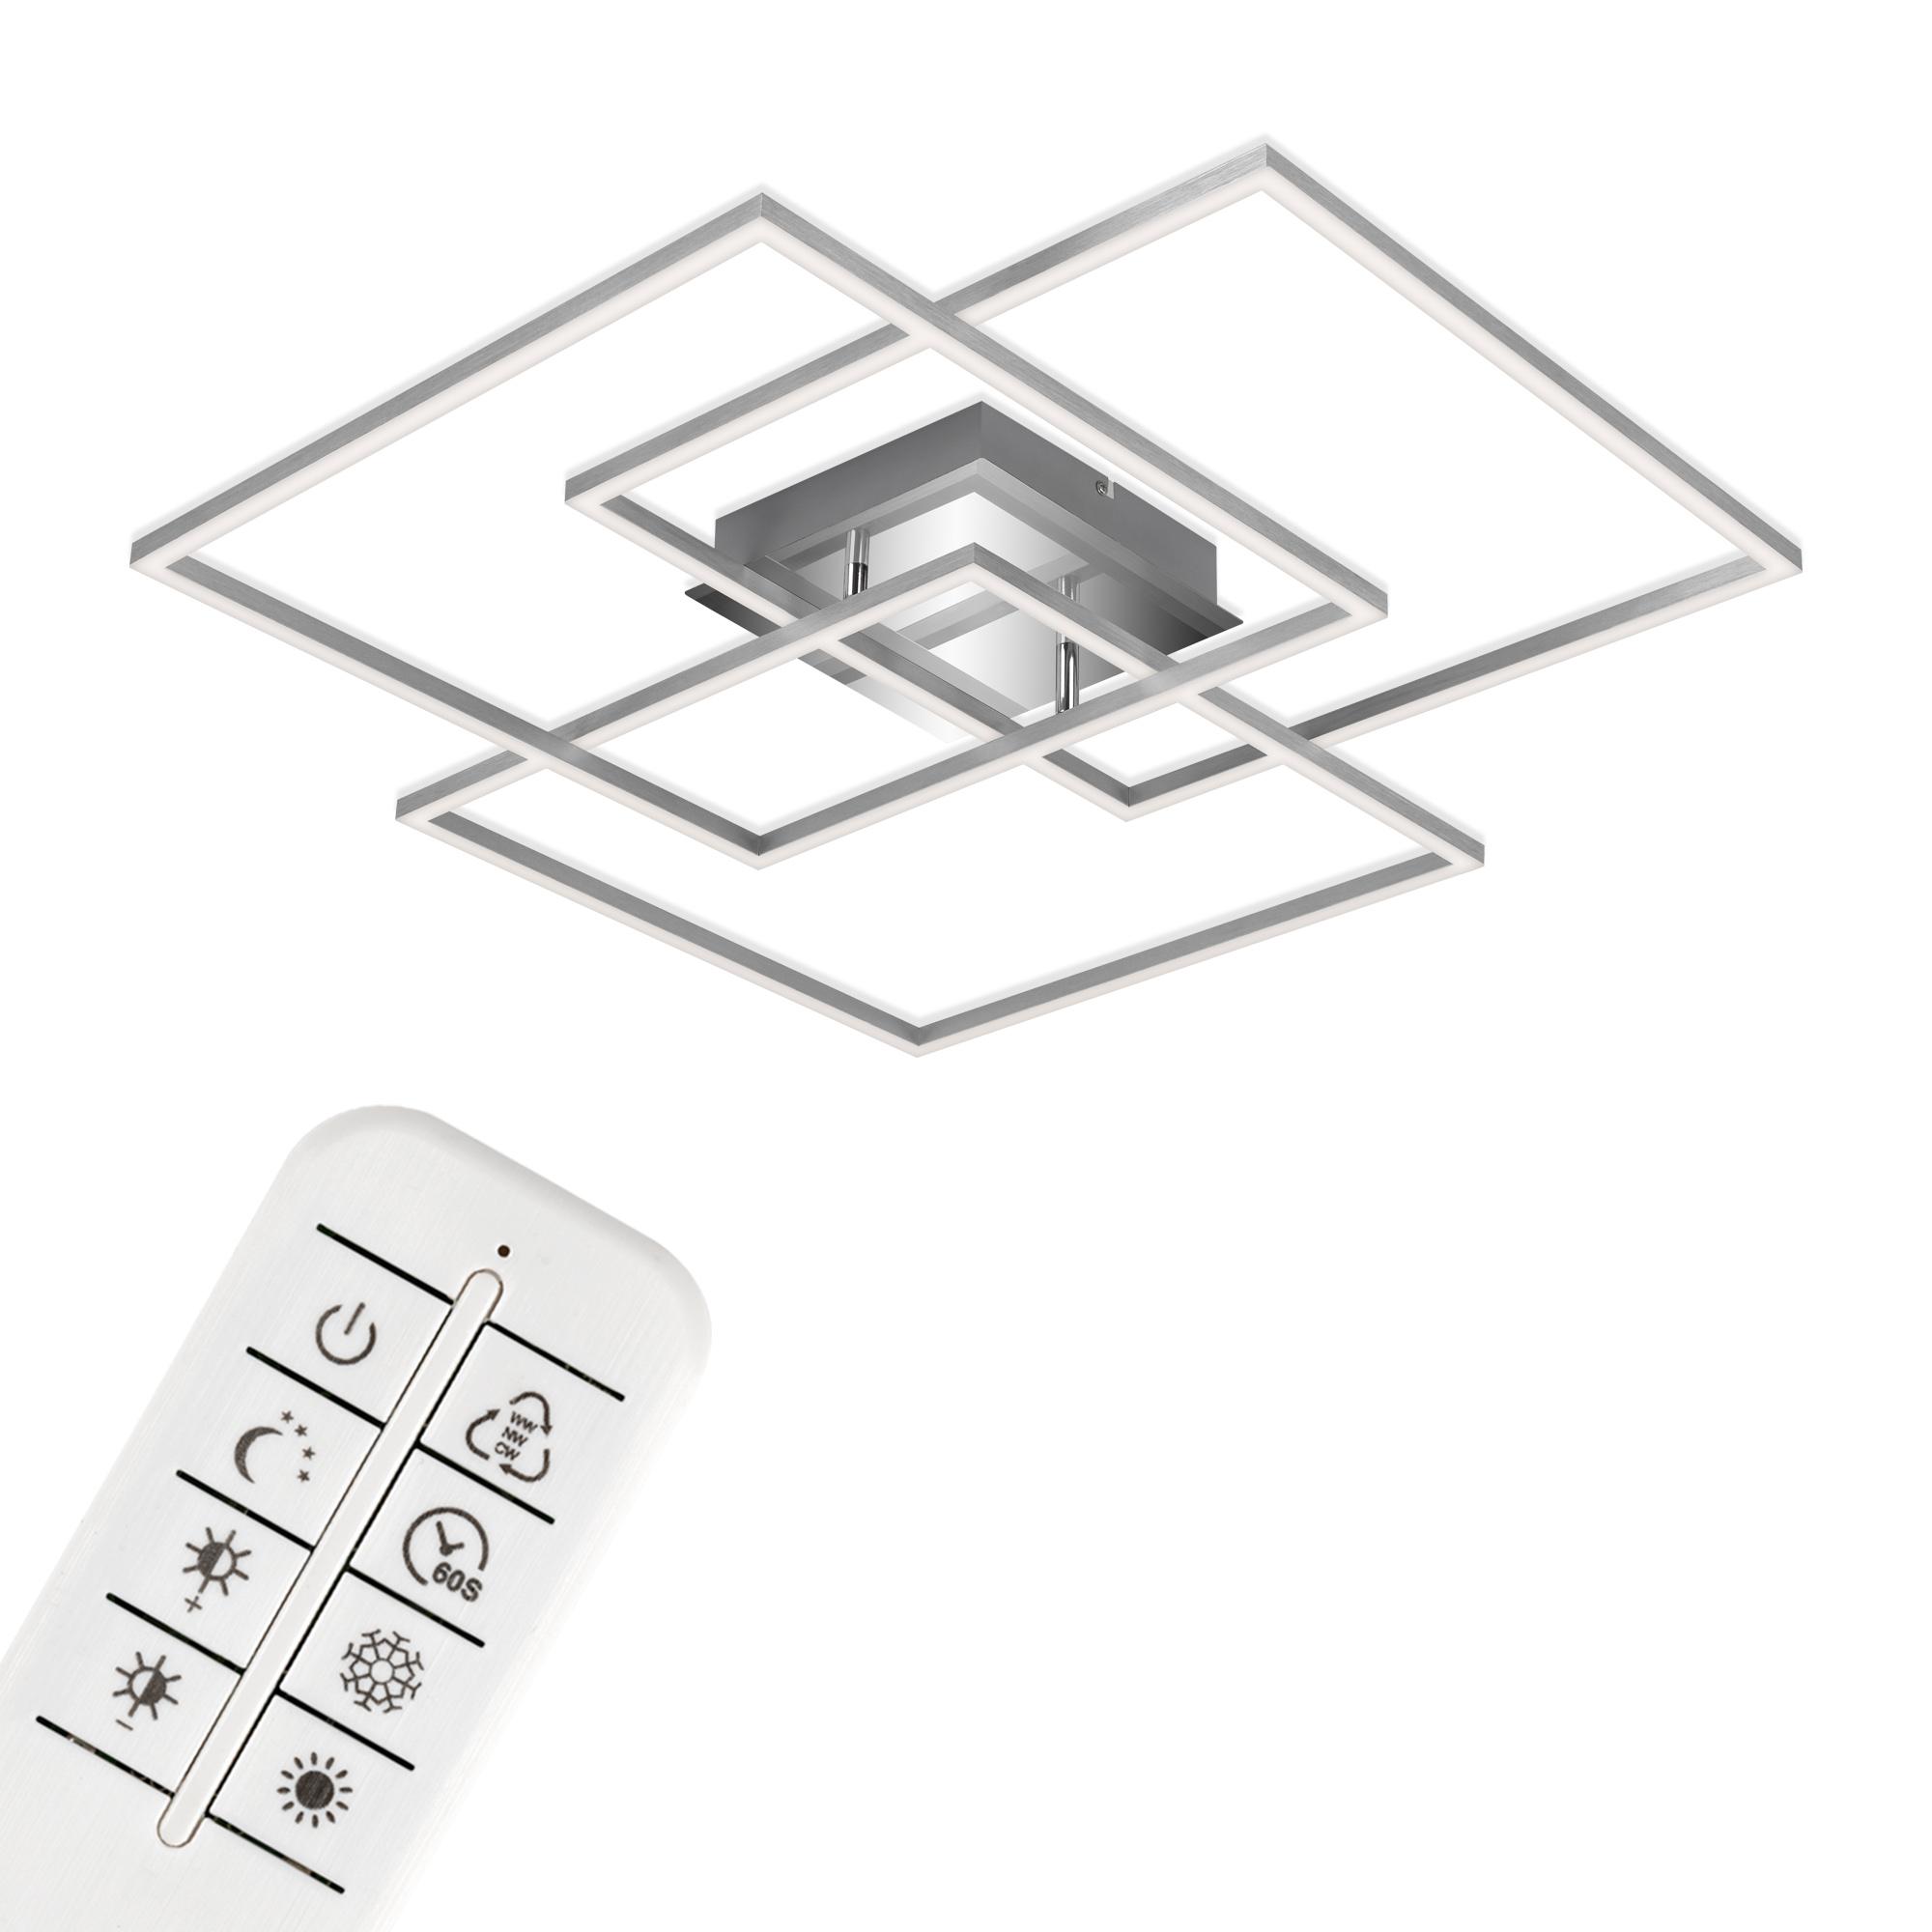 CCT LED Deckenleuchte Alu